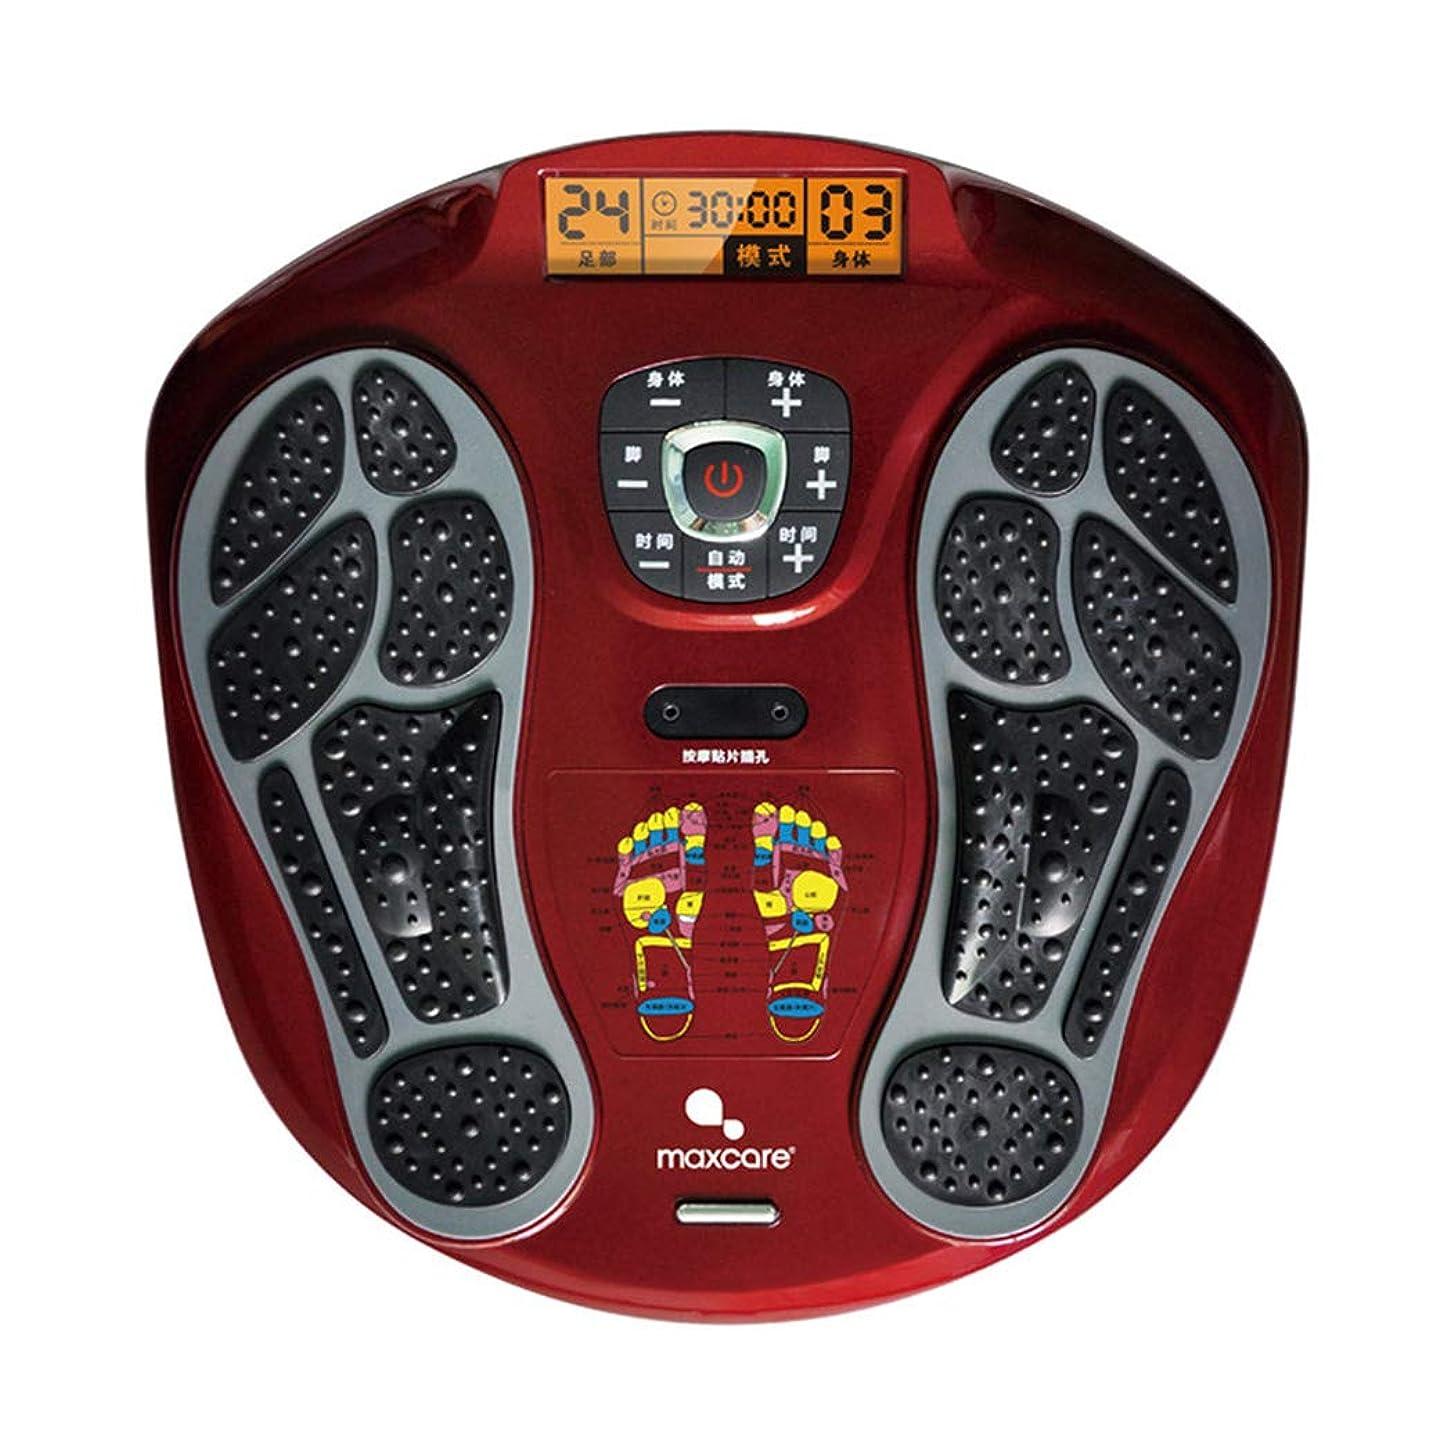 気候フォーカス測る電気 家族のフットマッサージャー、15のマッサージテクニック、足の足底筋膜炎疲れた足に最適、慢性、神経障害、および神経痛 人間工学的デザイン